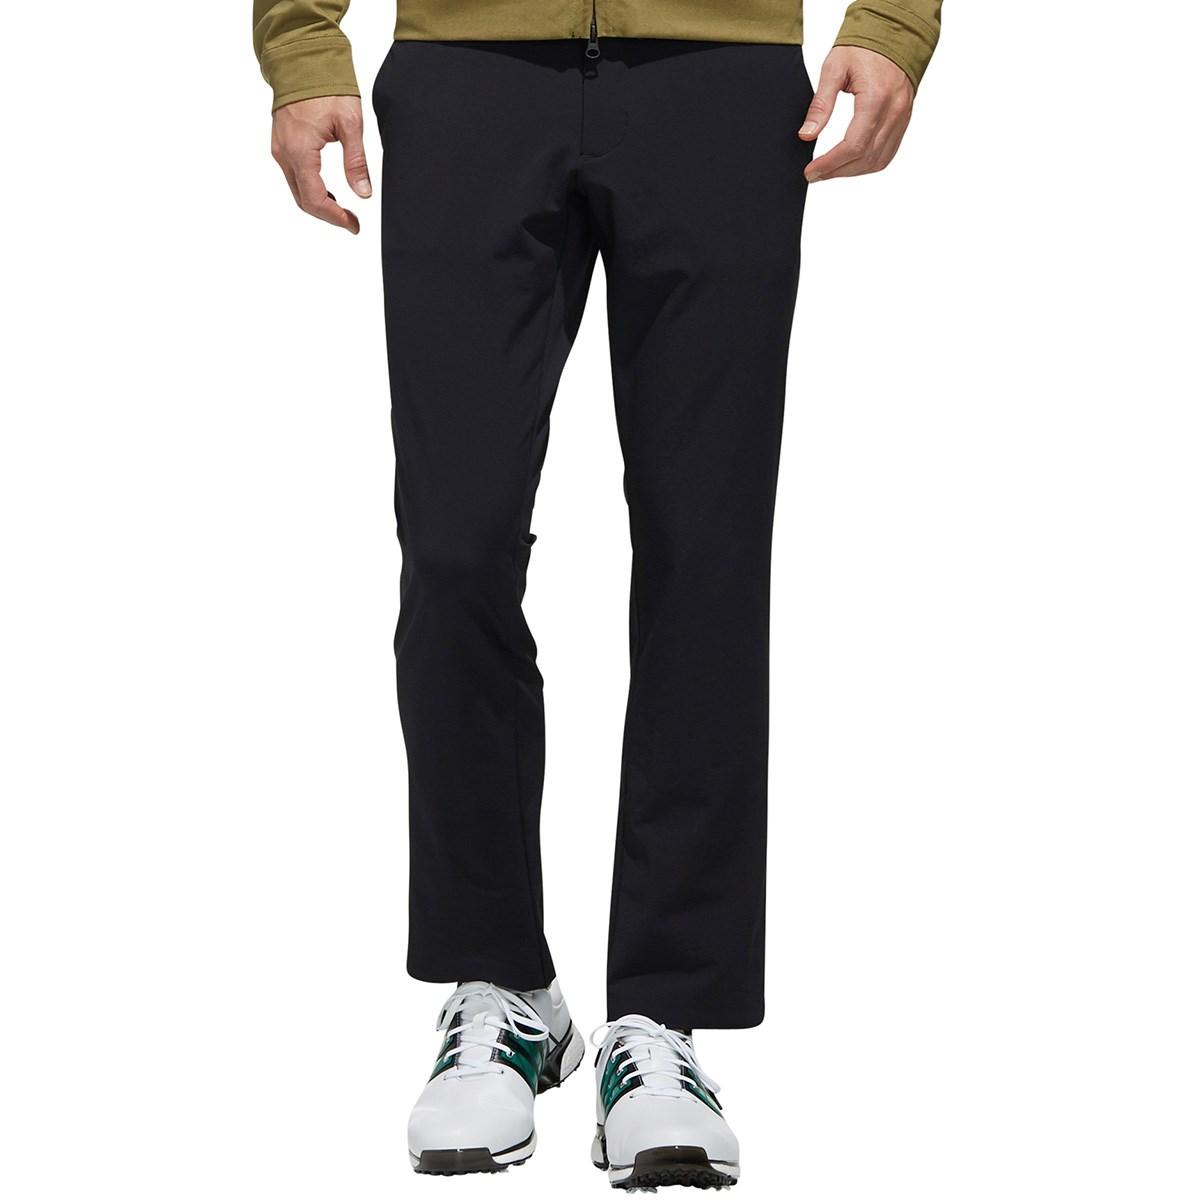 アディダス(adidas) ADICROSS アーバン ストレッチパンツ